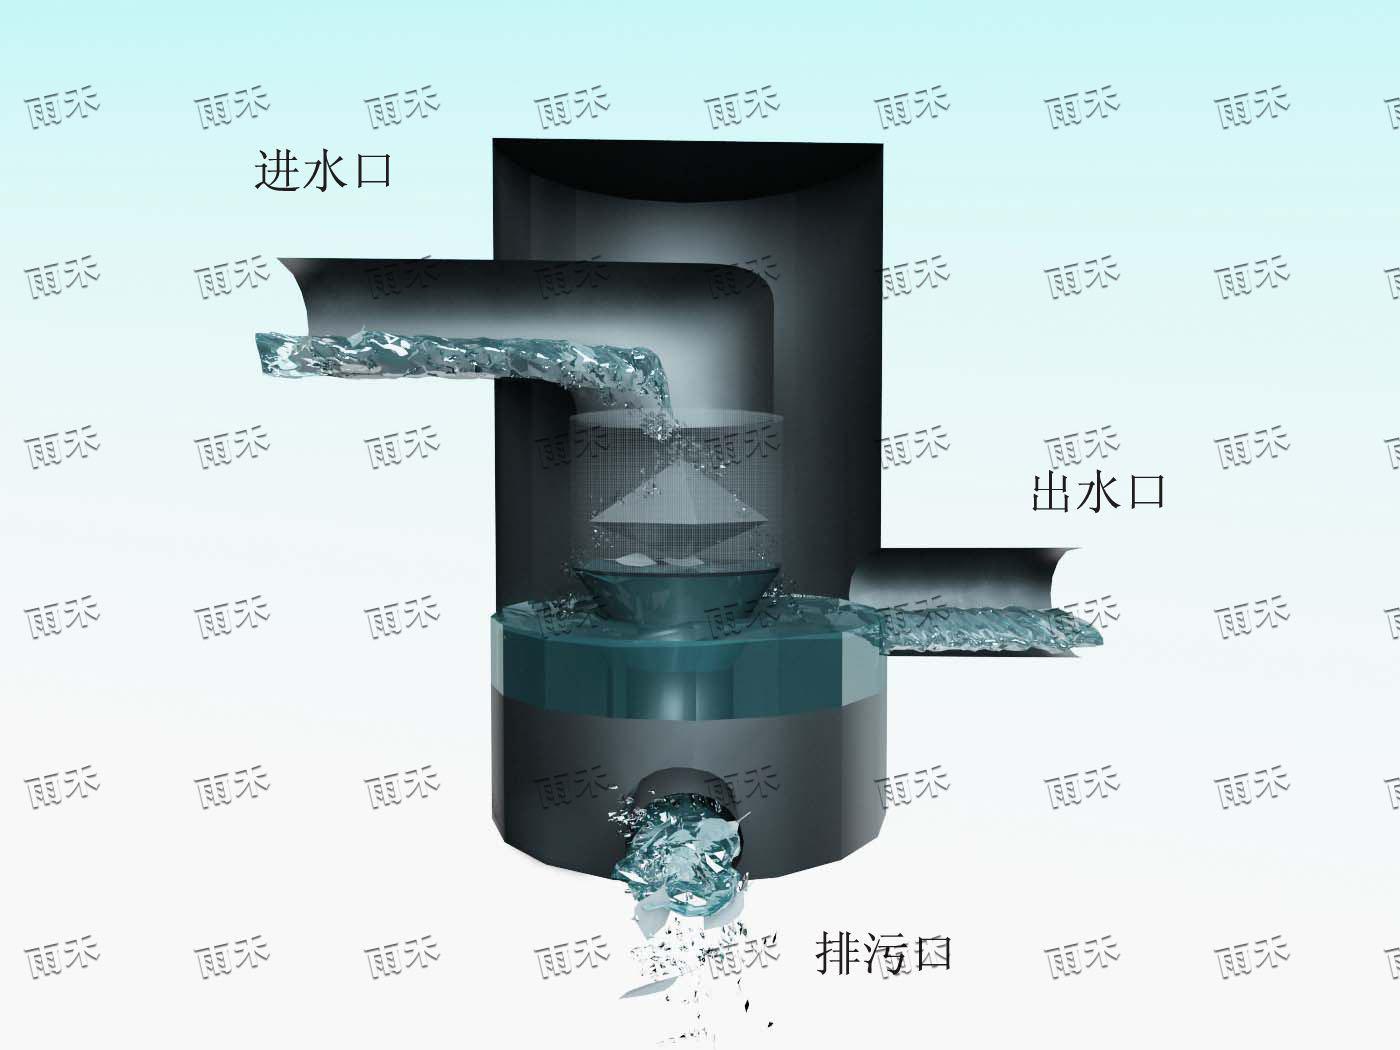 雨水自动过滤器示意图